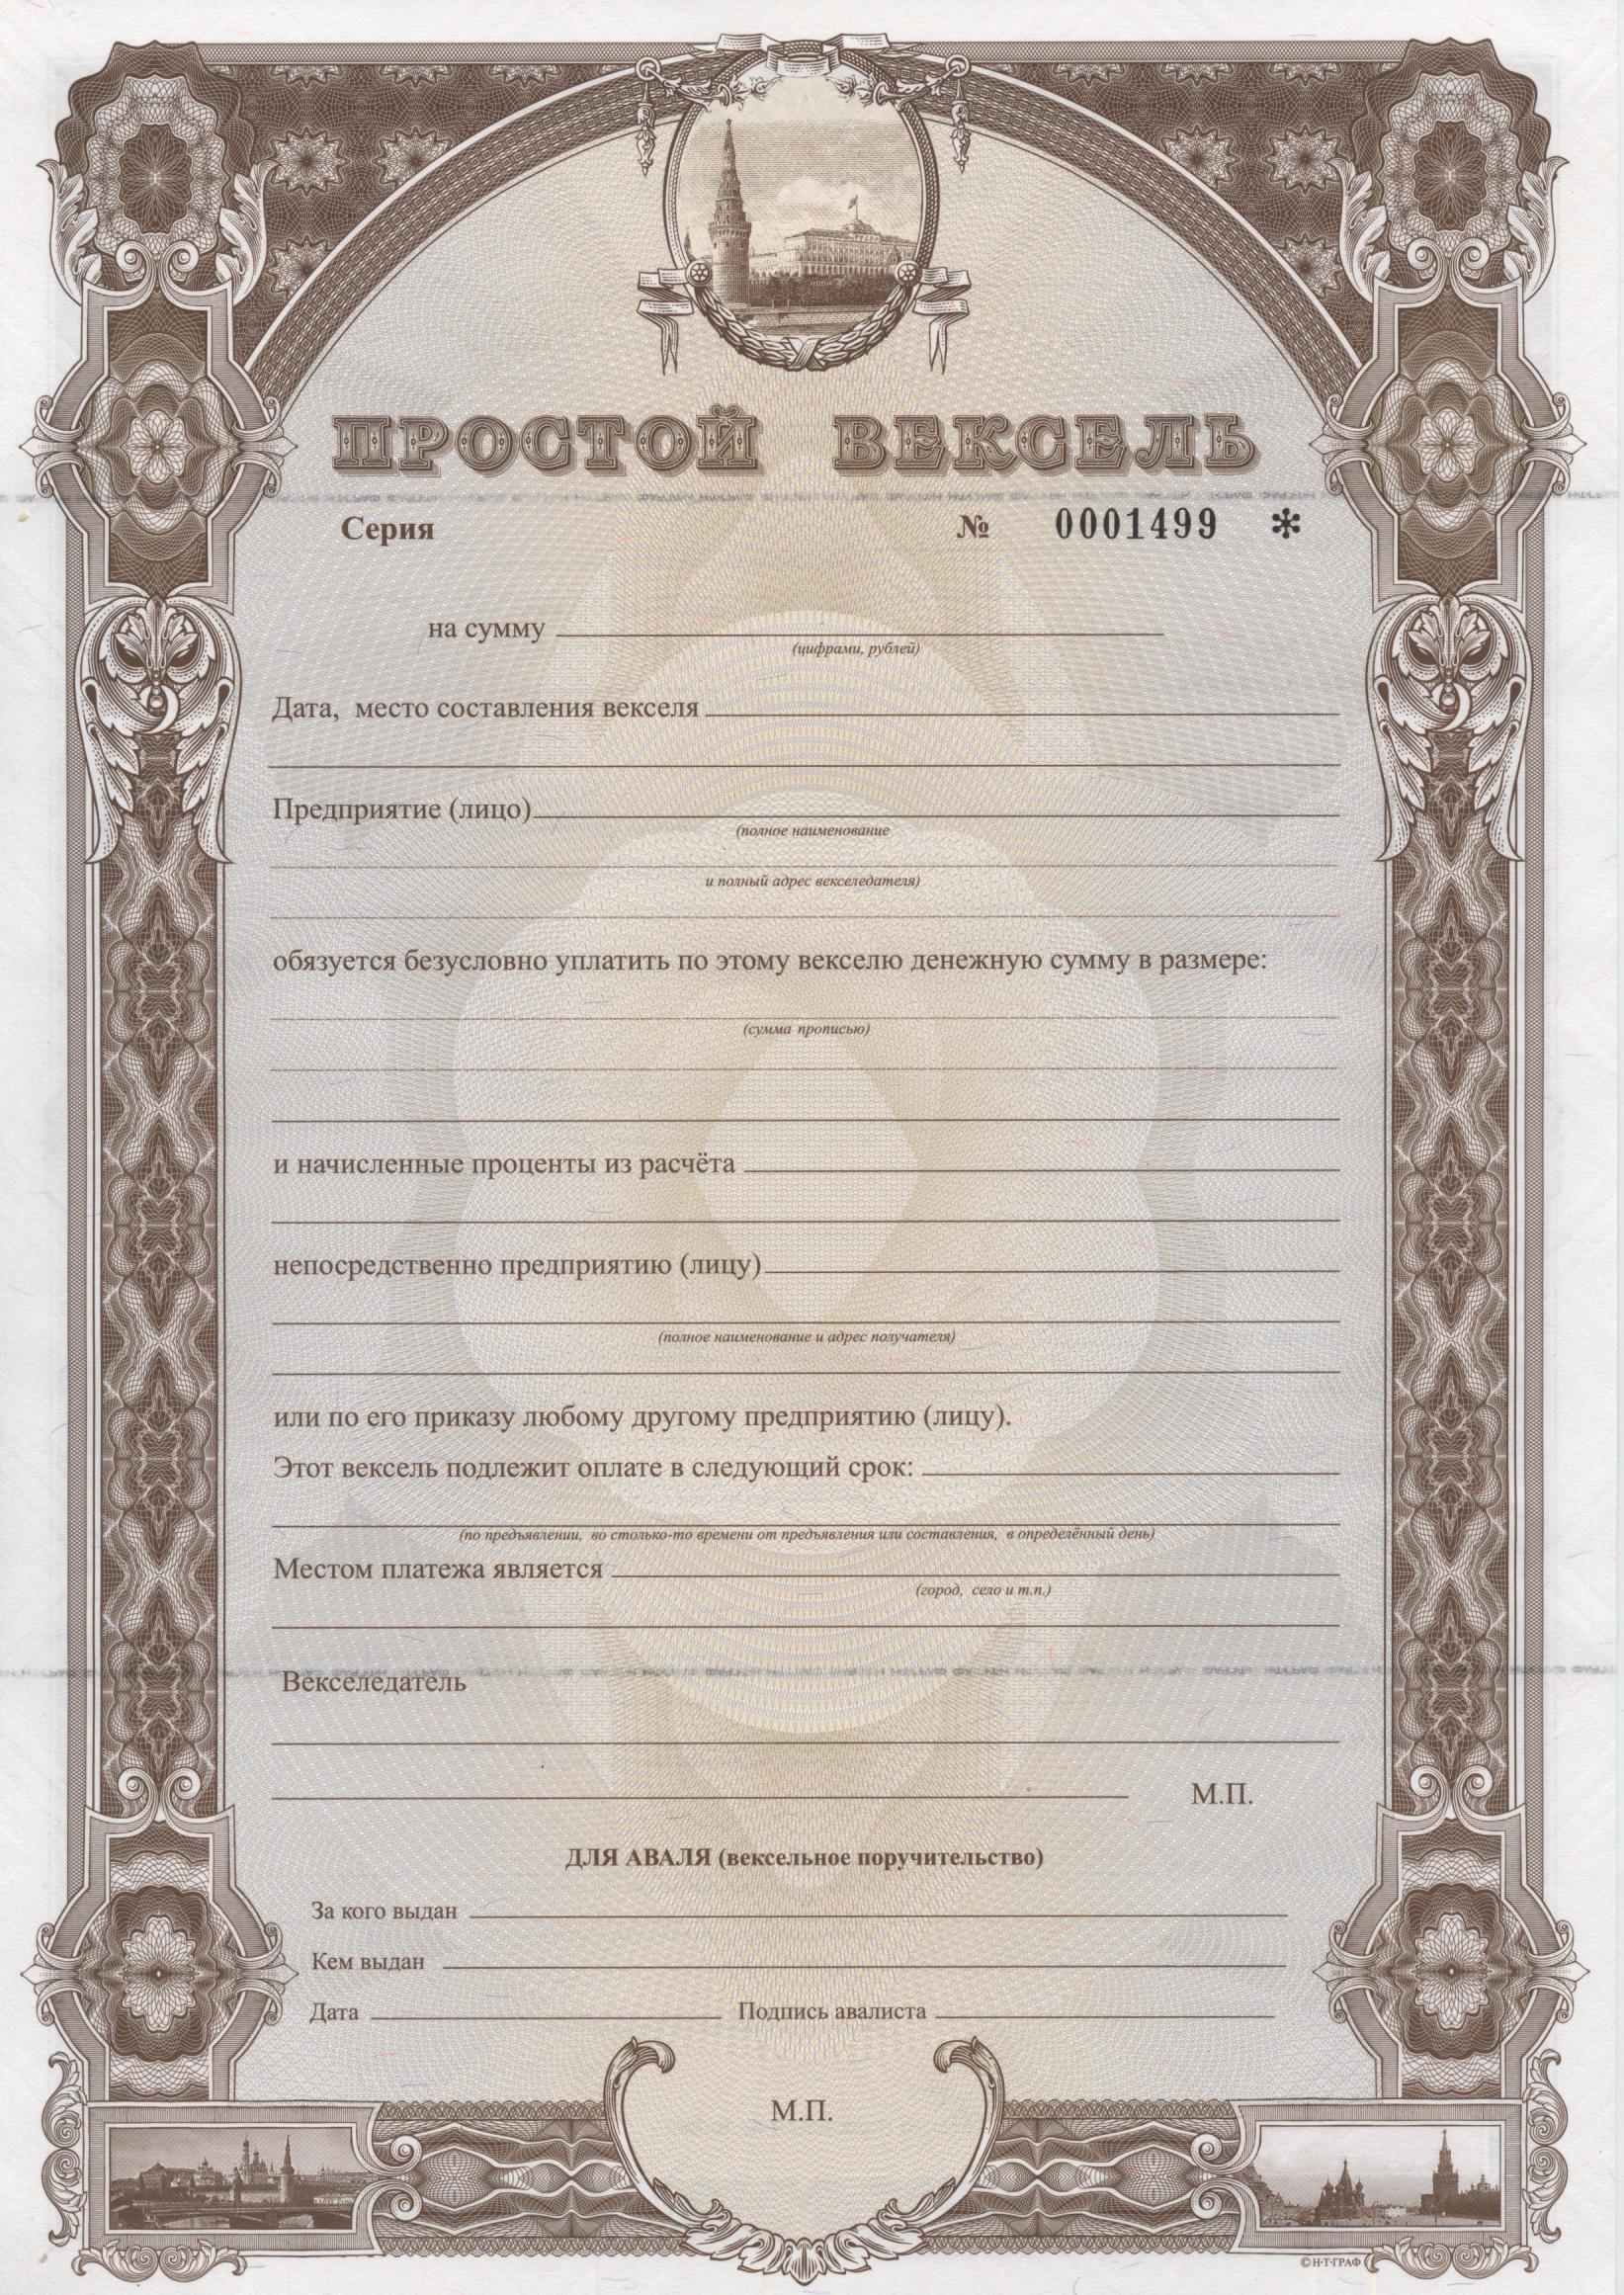 бланки векселей сертификатов